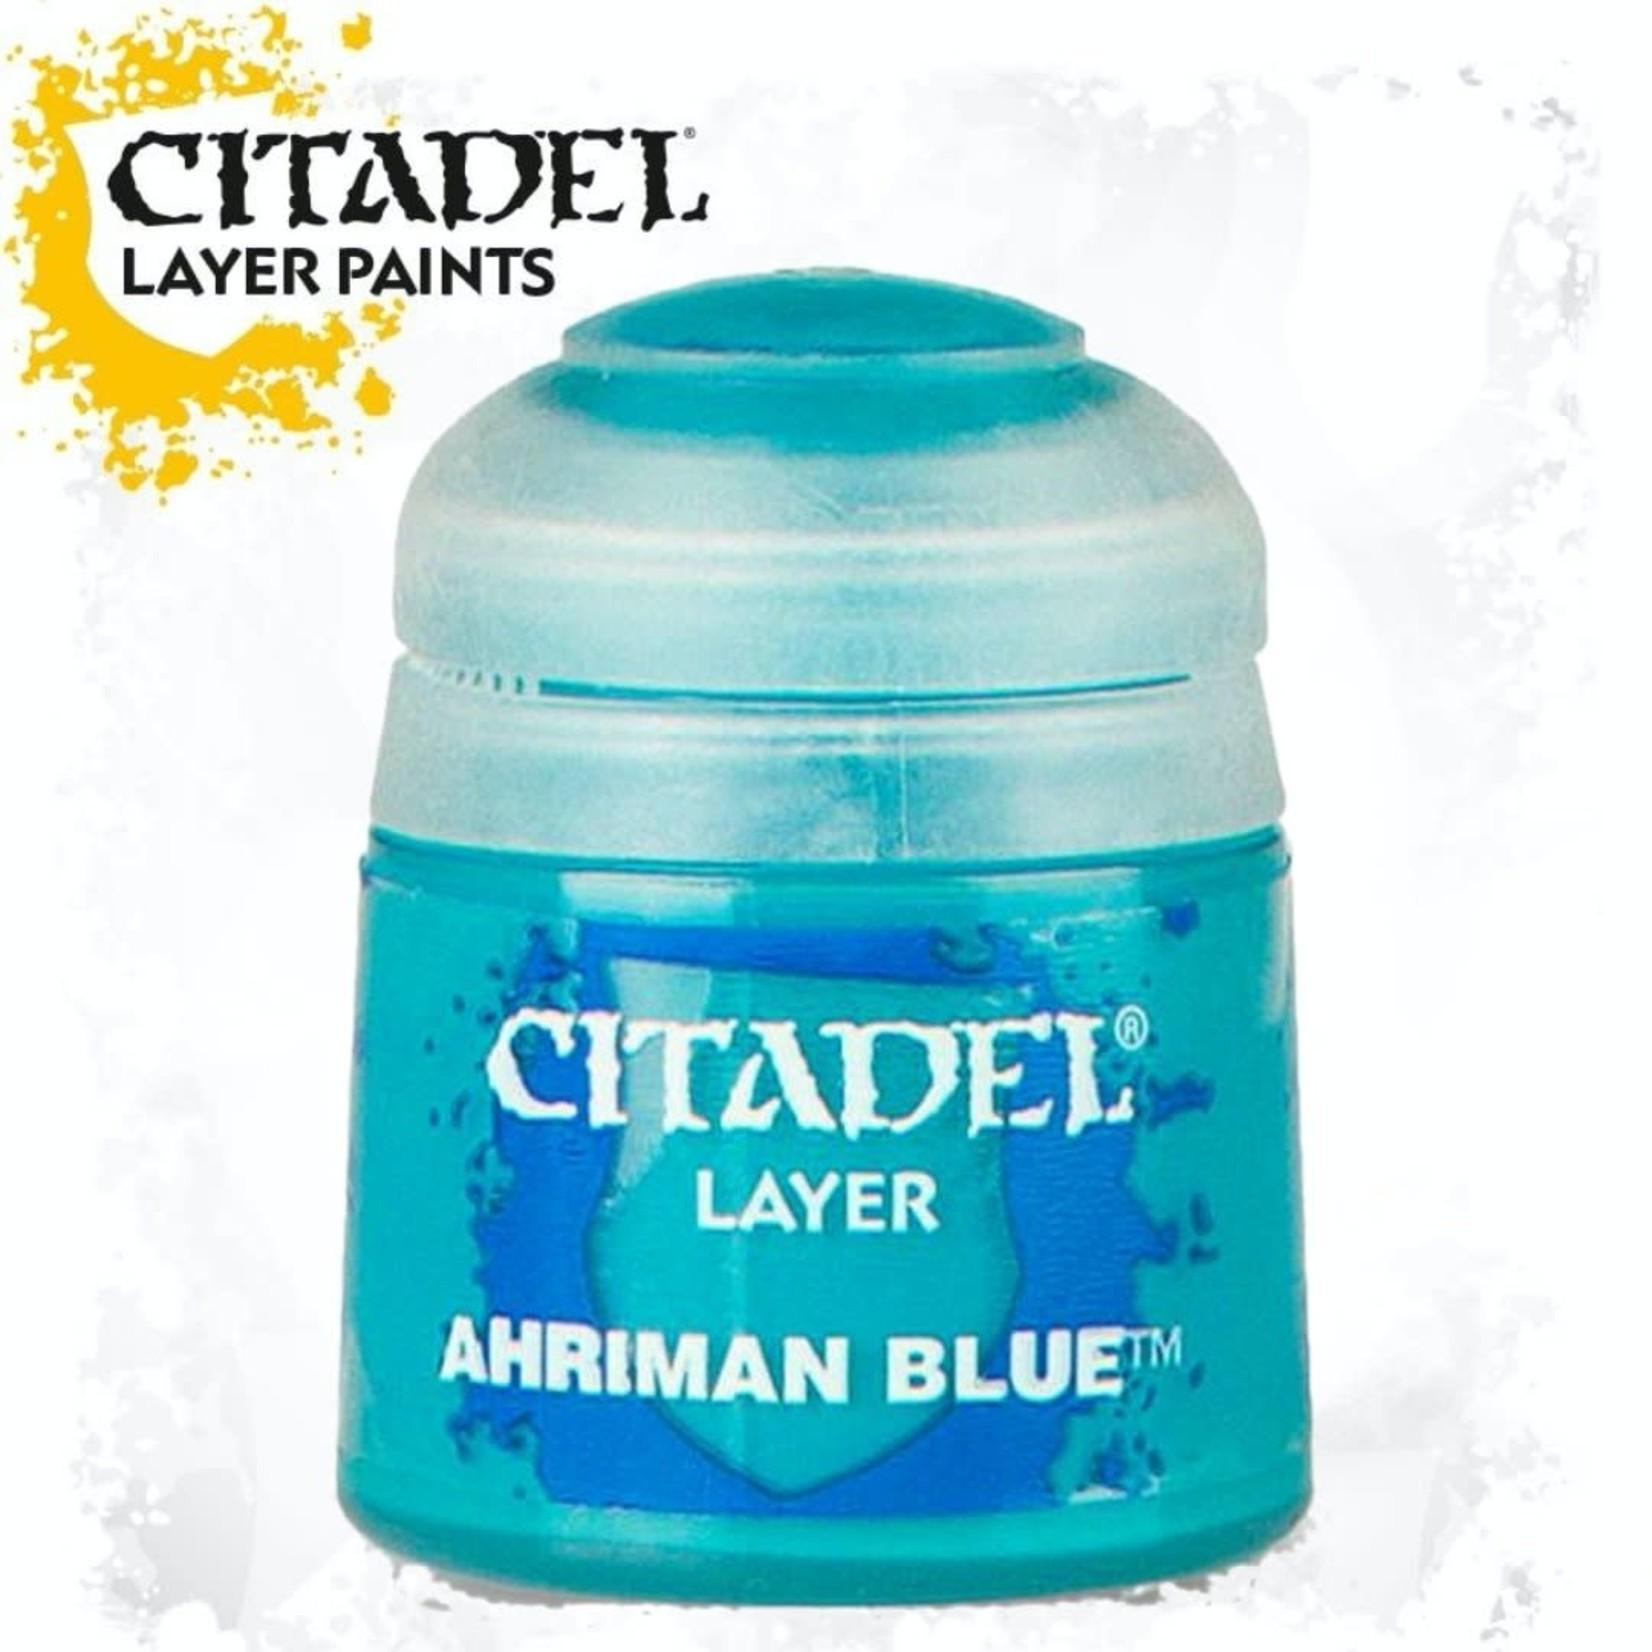 Citadel Citadel Paint - Layer: Ahriman Blue